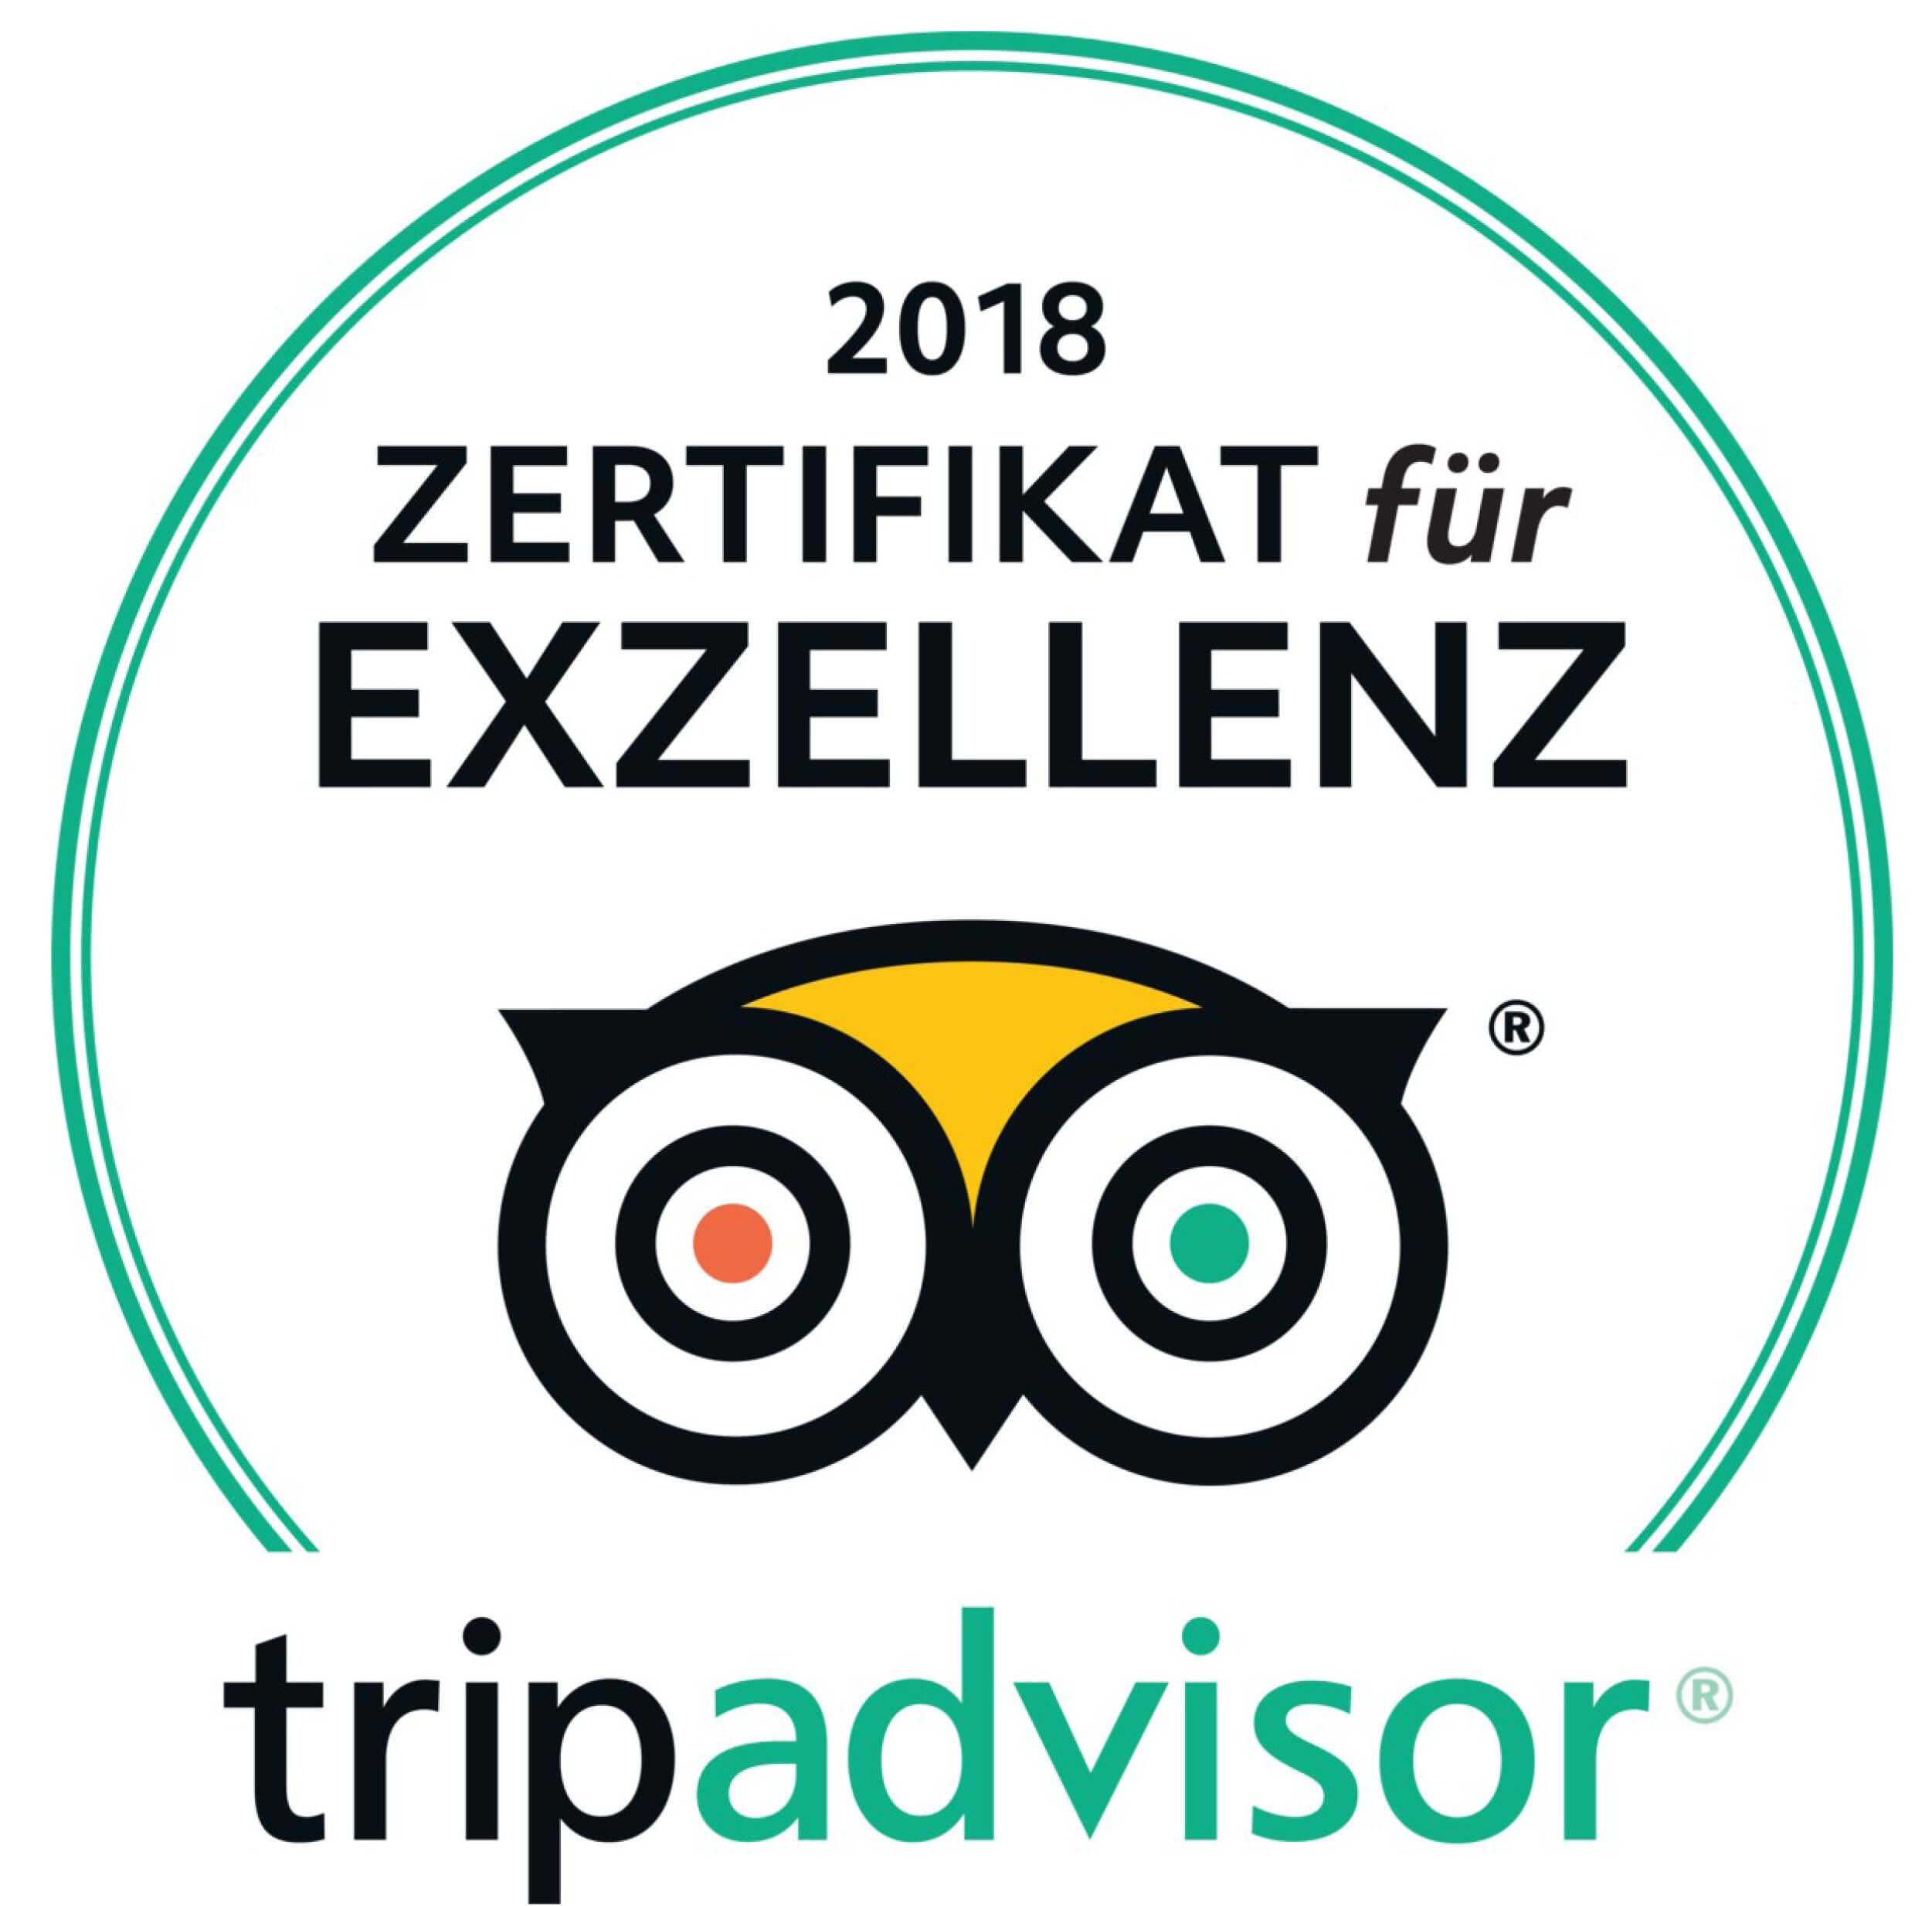 De Tripadvisor 2018